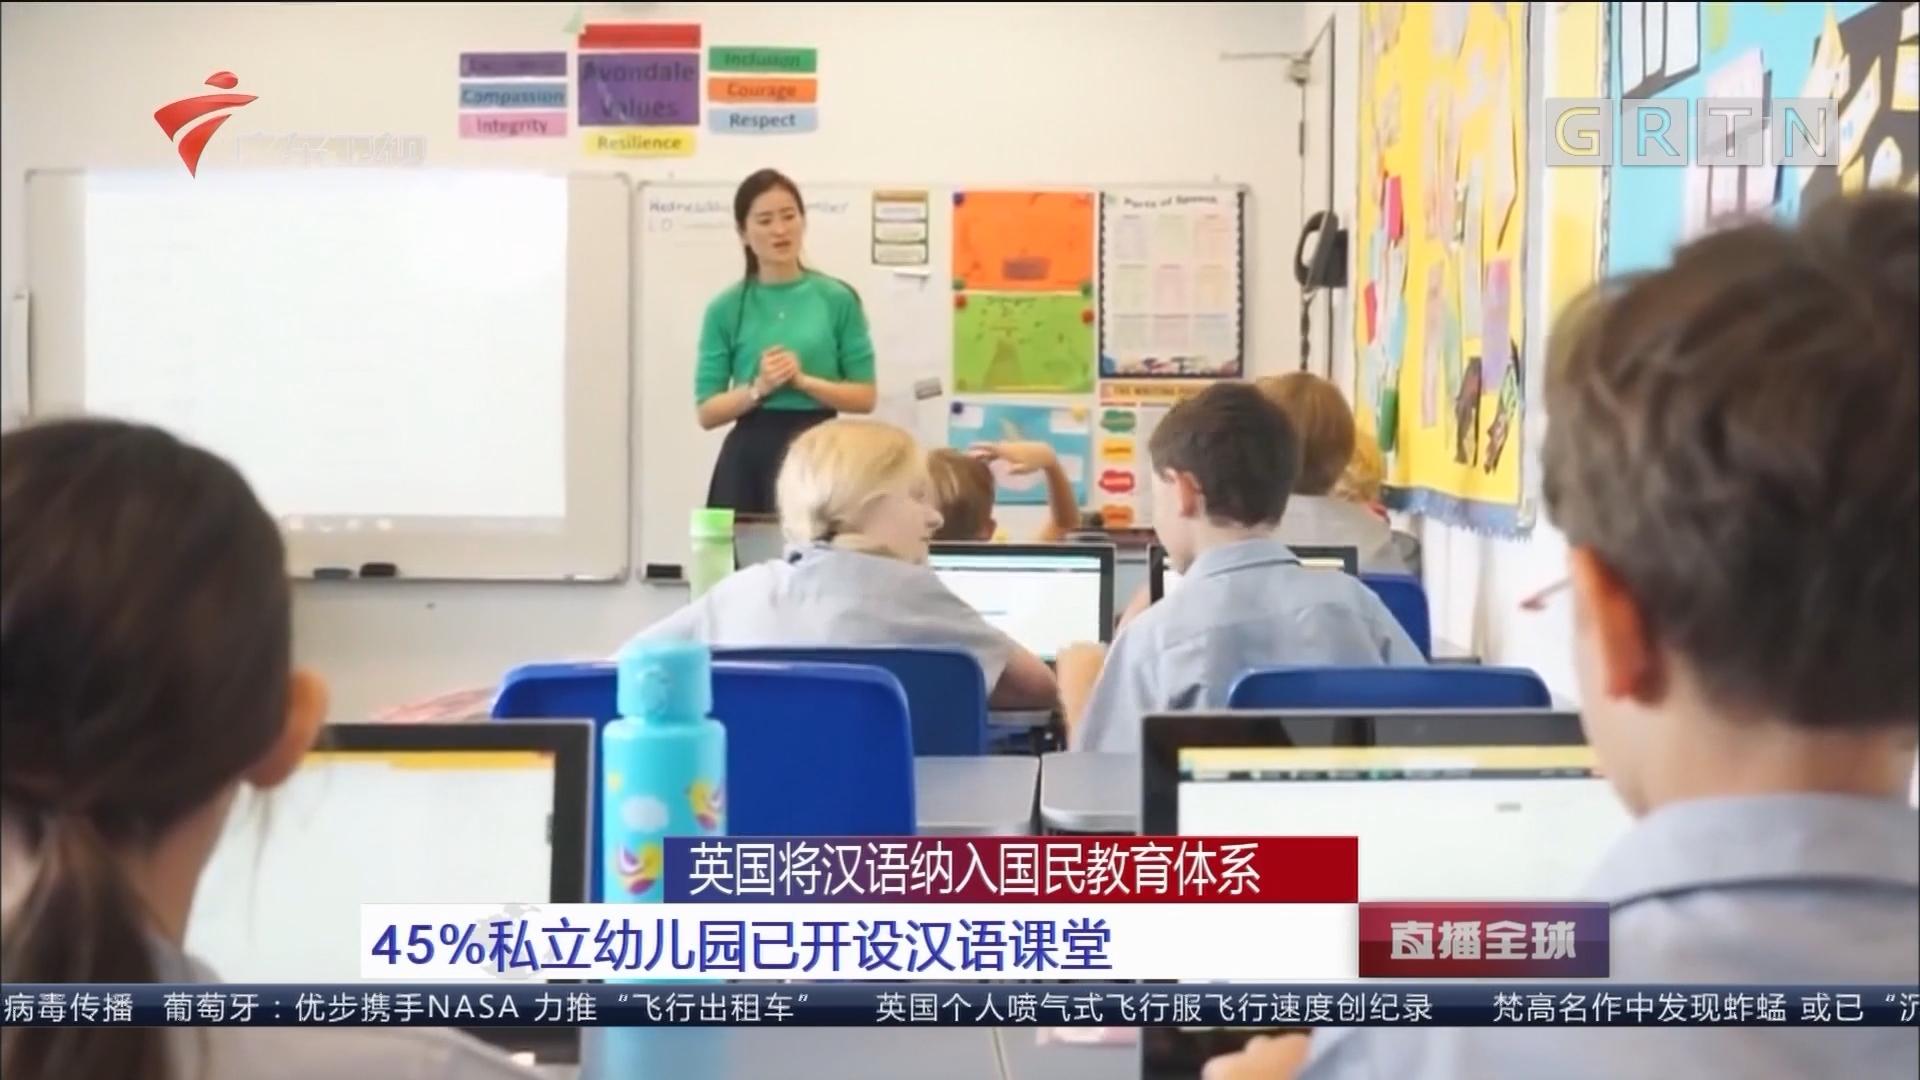 英国将汉语纳入国民教育体系:中文课程受欢迎